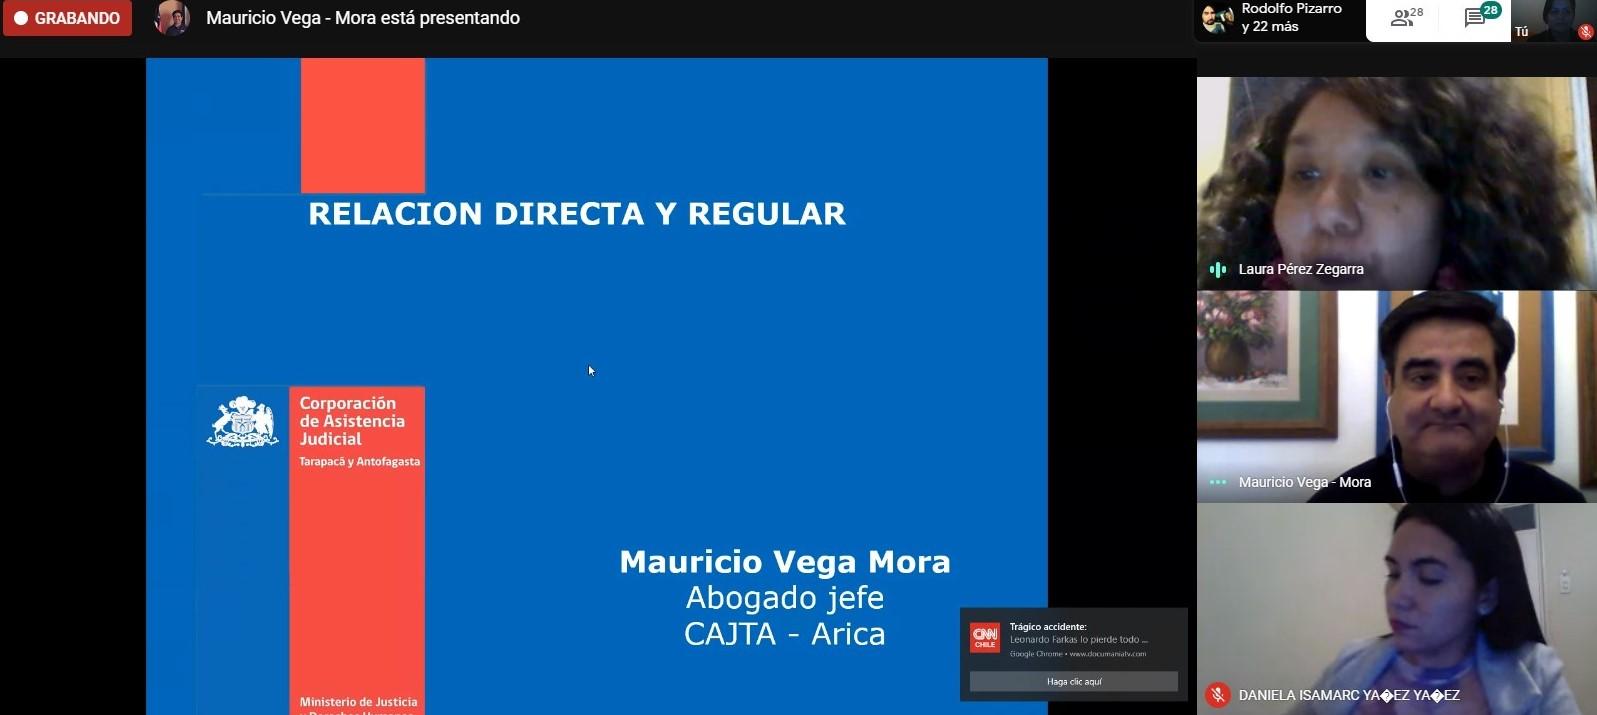 Consultorio Jurídico Arica, continua ciclo de charlas en el Centro de Formación Técnica de la Universidad de Tarapacá